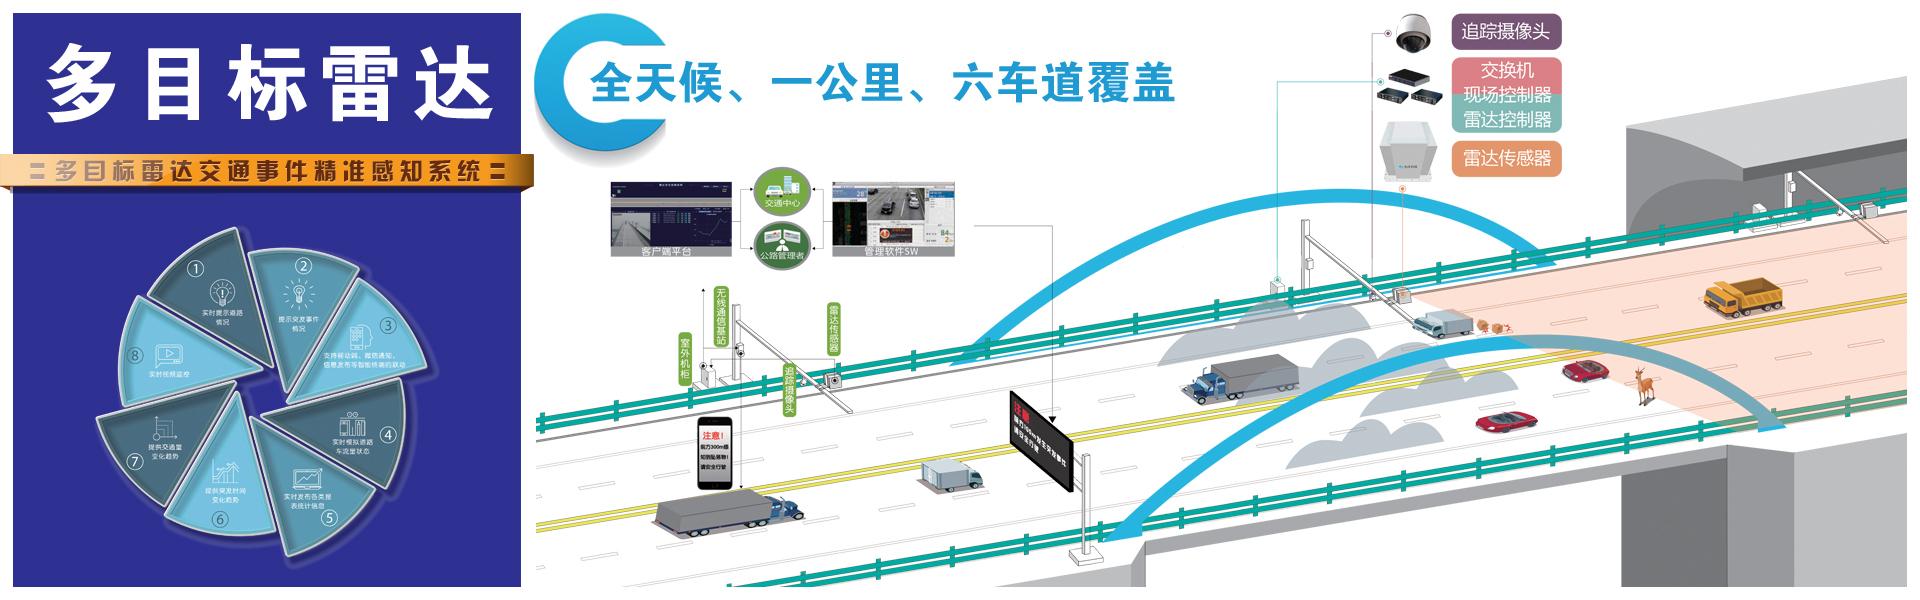 多目標雷達、交通事件雷達精準感知系統、雷達事件檢測器